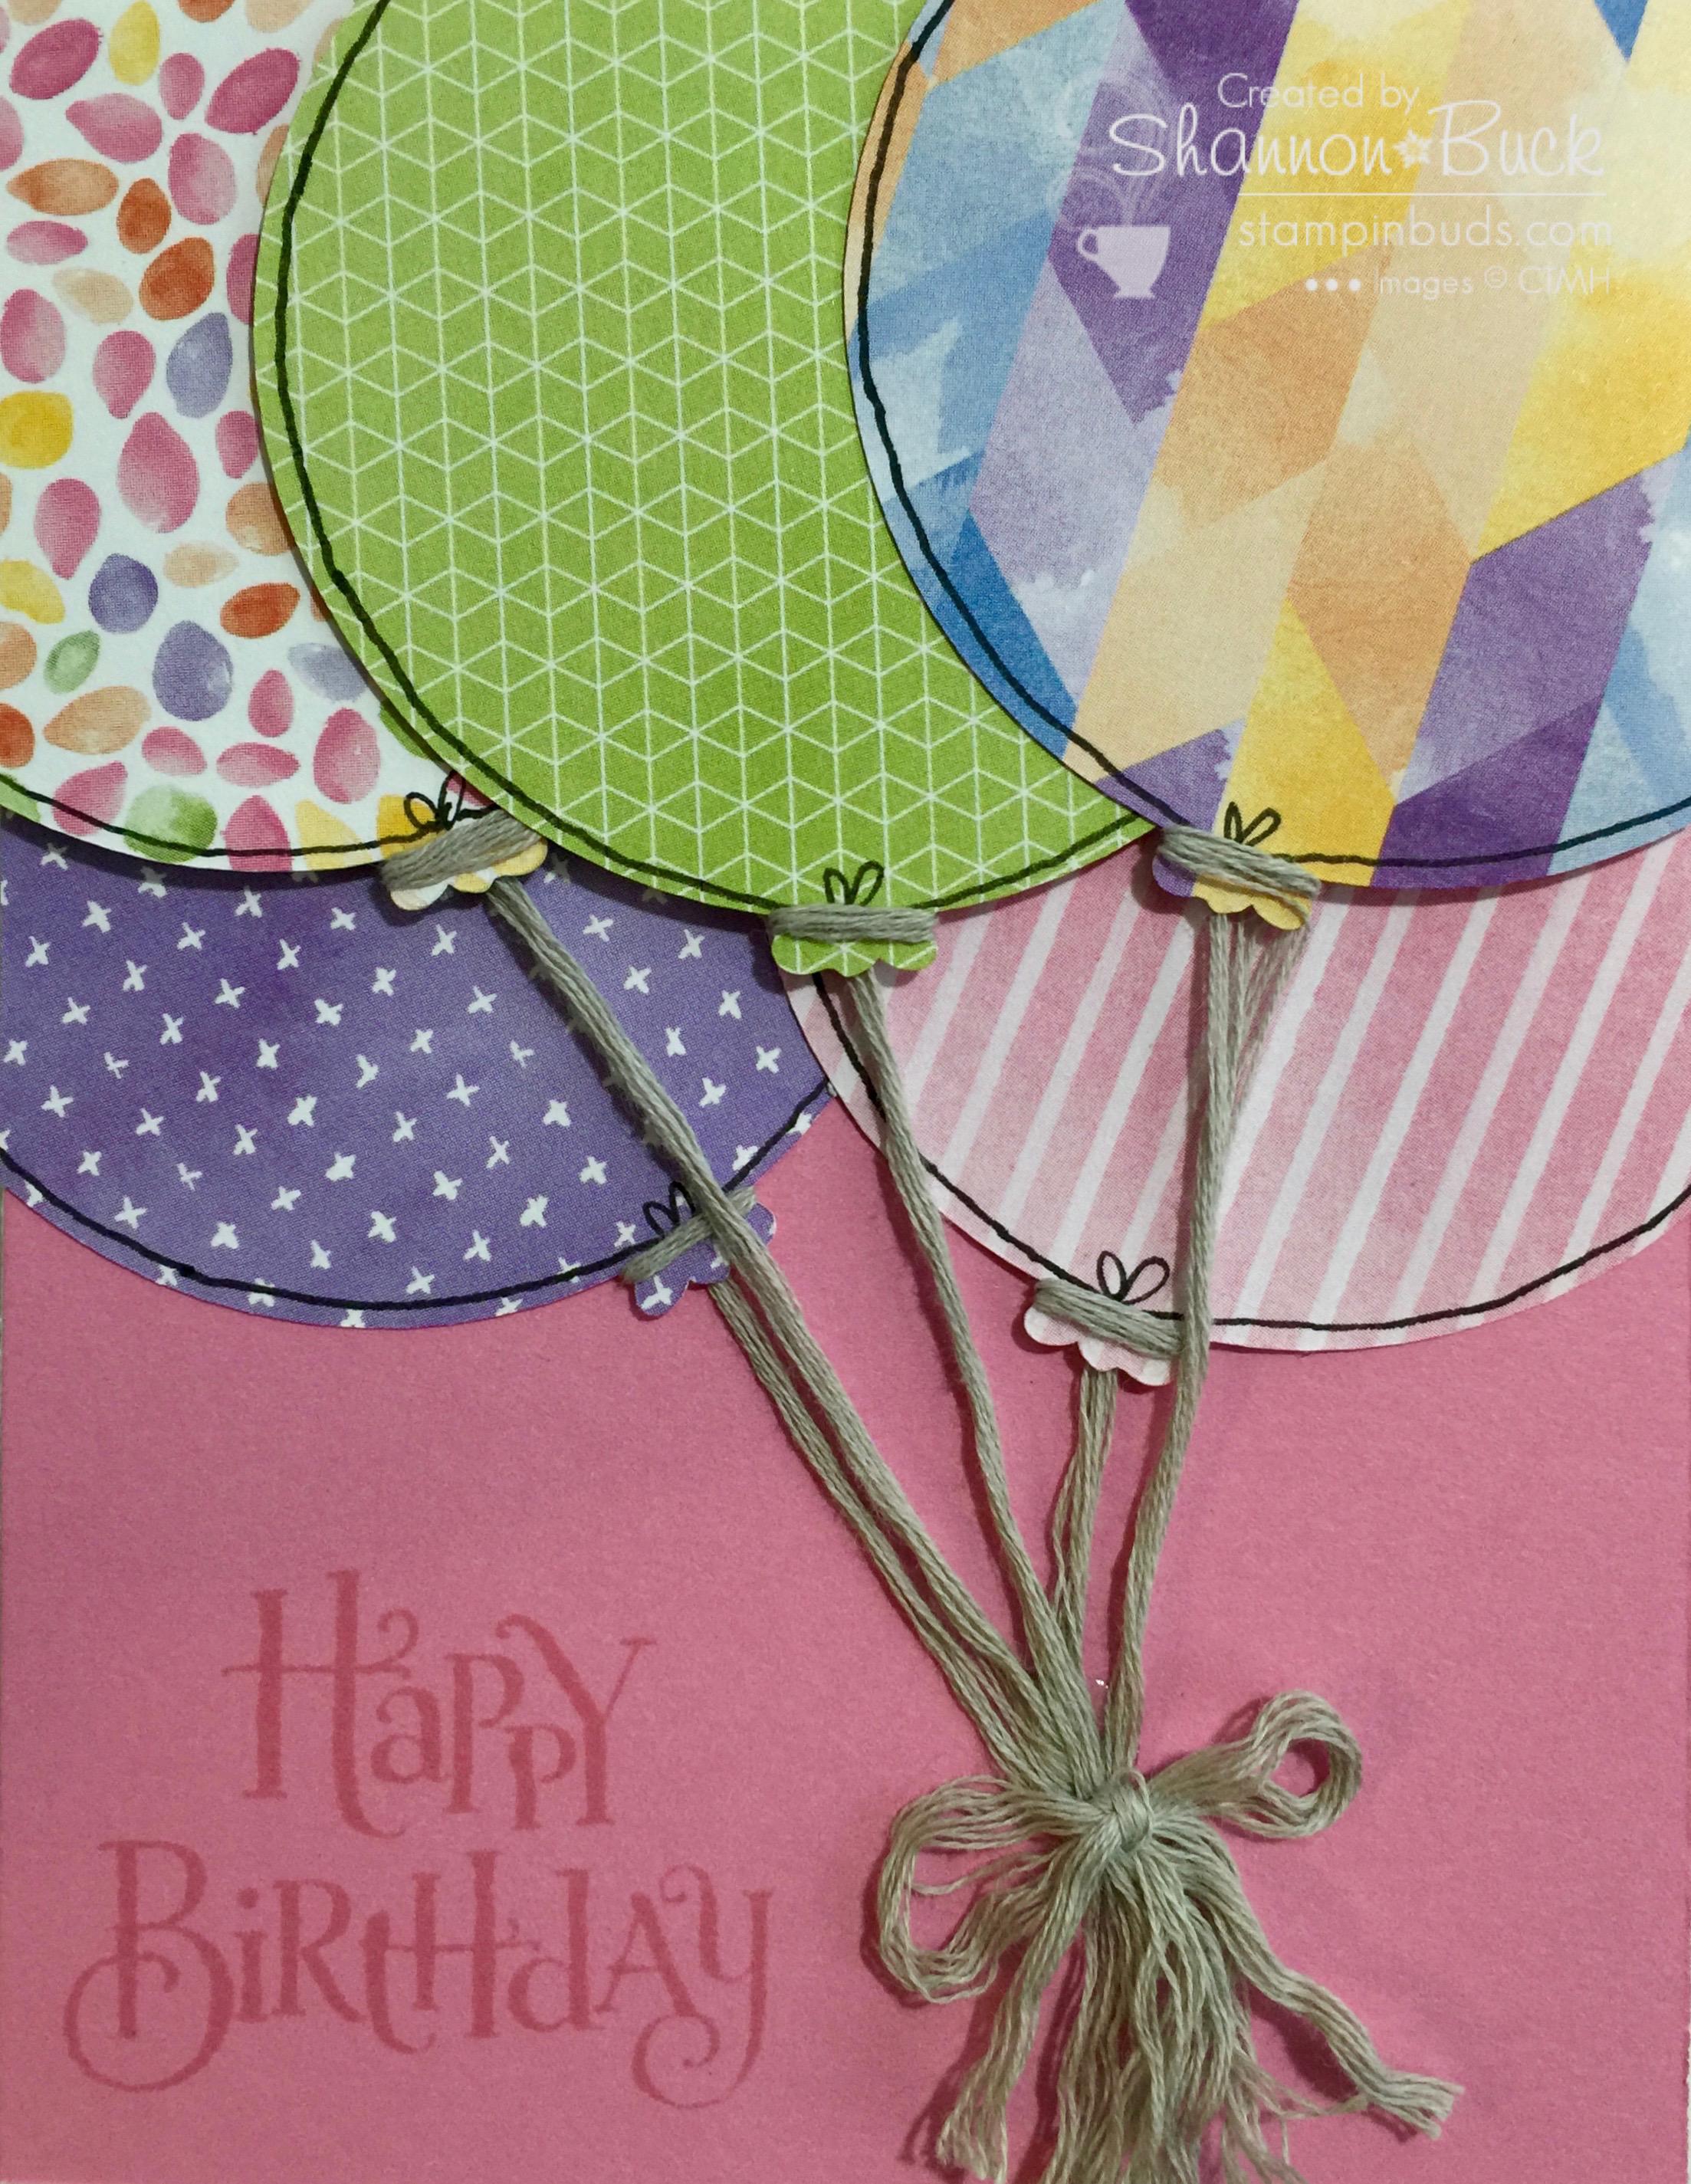 Happy Birthday Jeanette!